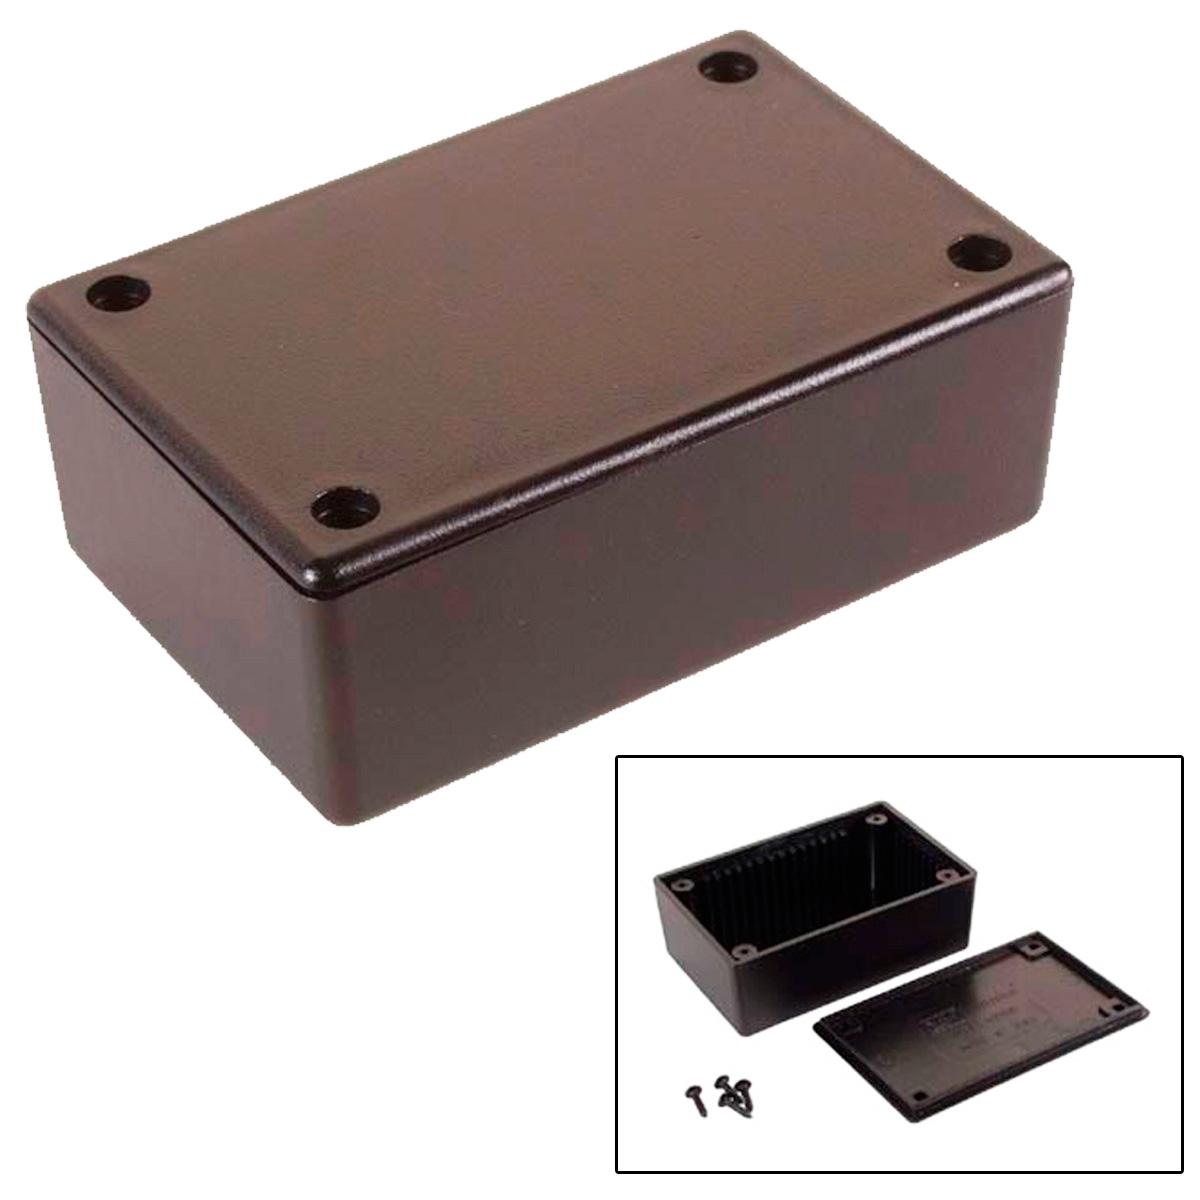 Caja de plastico 85x55x30mm negra - Cajas de plastico ...